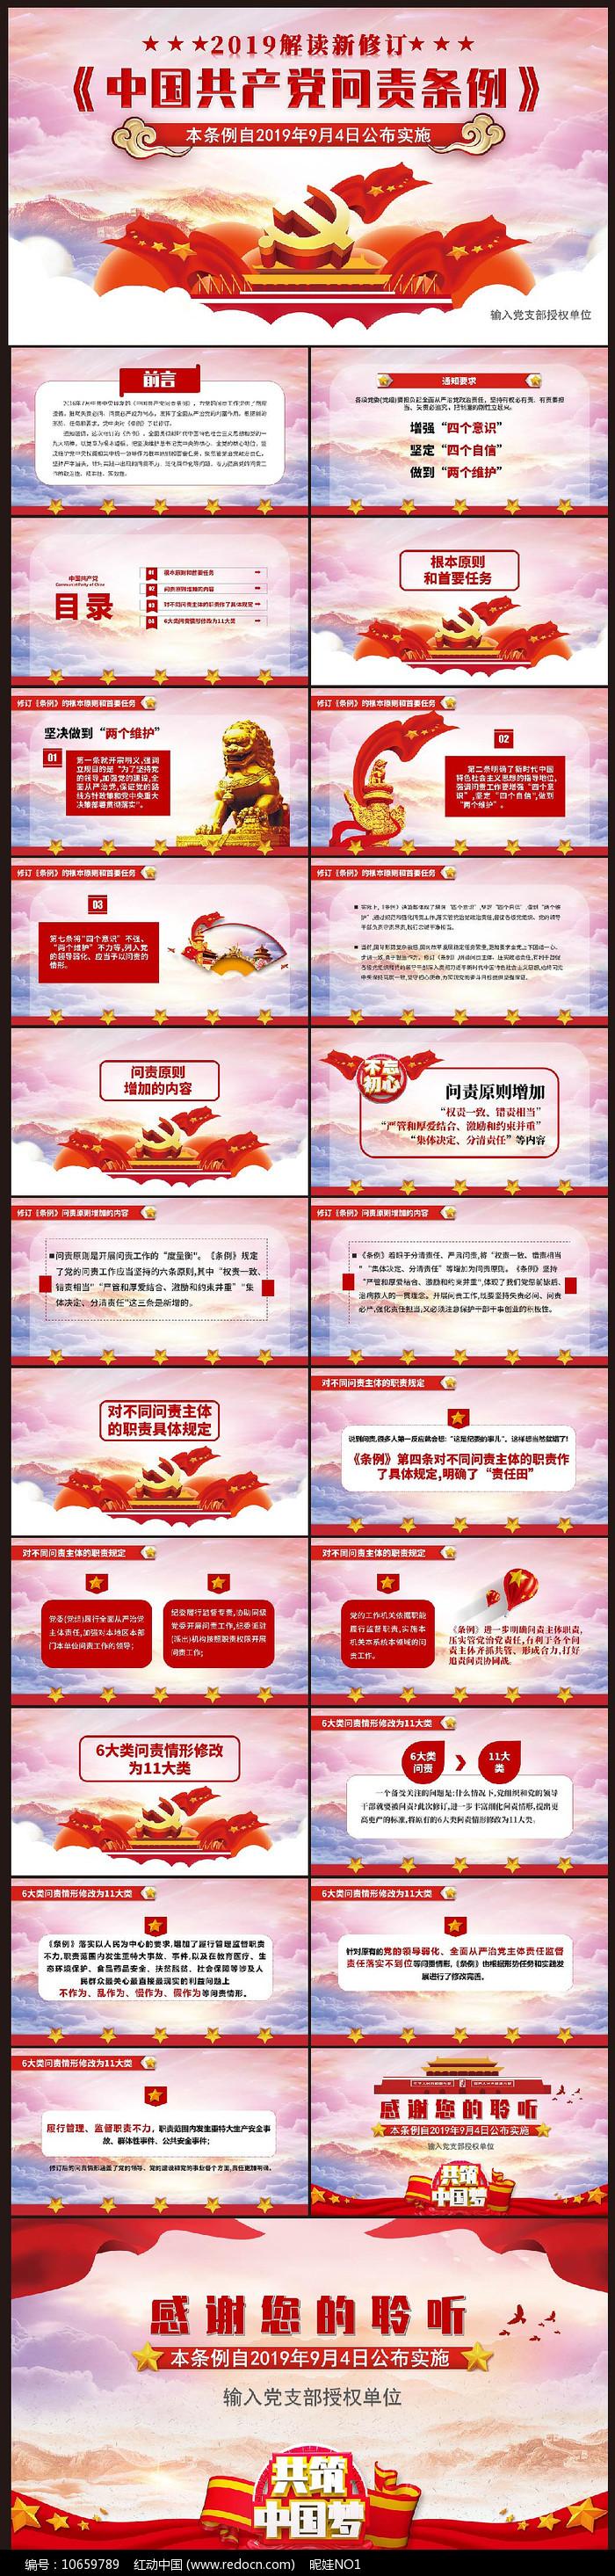 中国共产党问责条例解读PPT图片